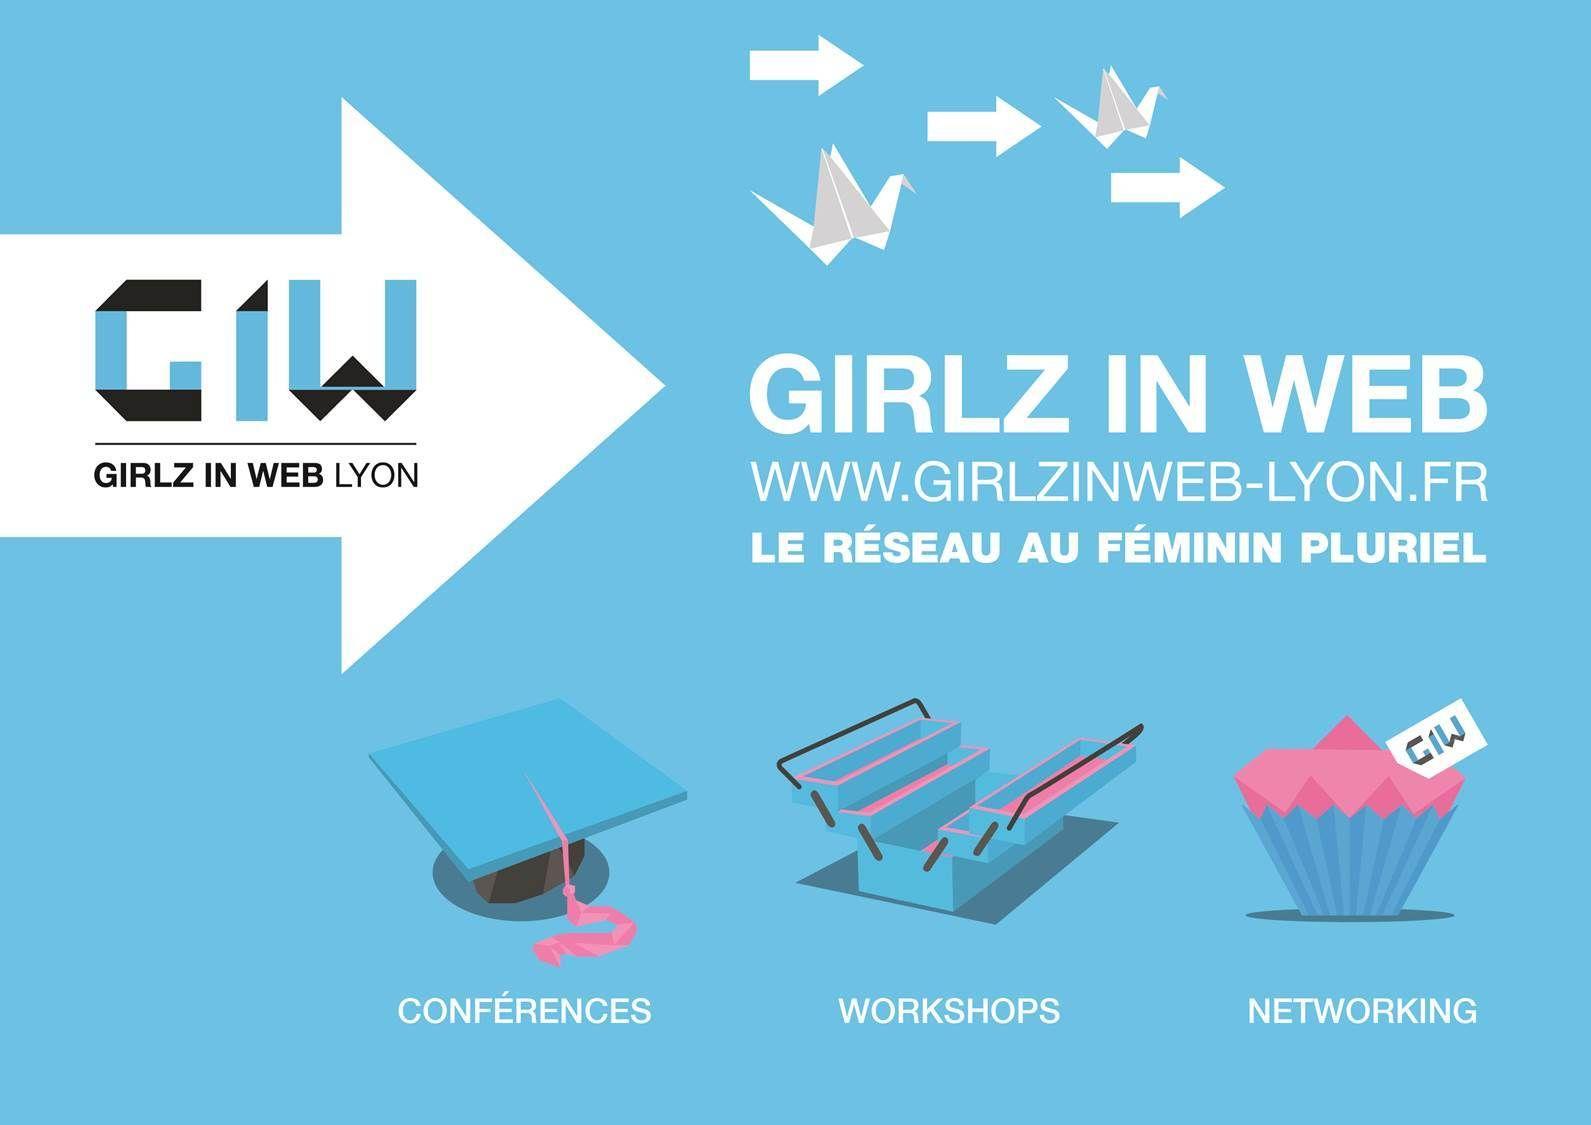 Girlz in Web Lyon